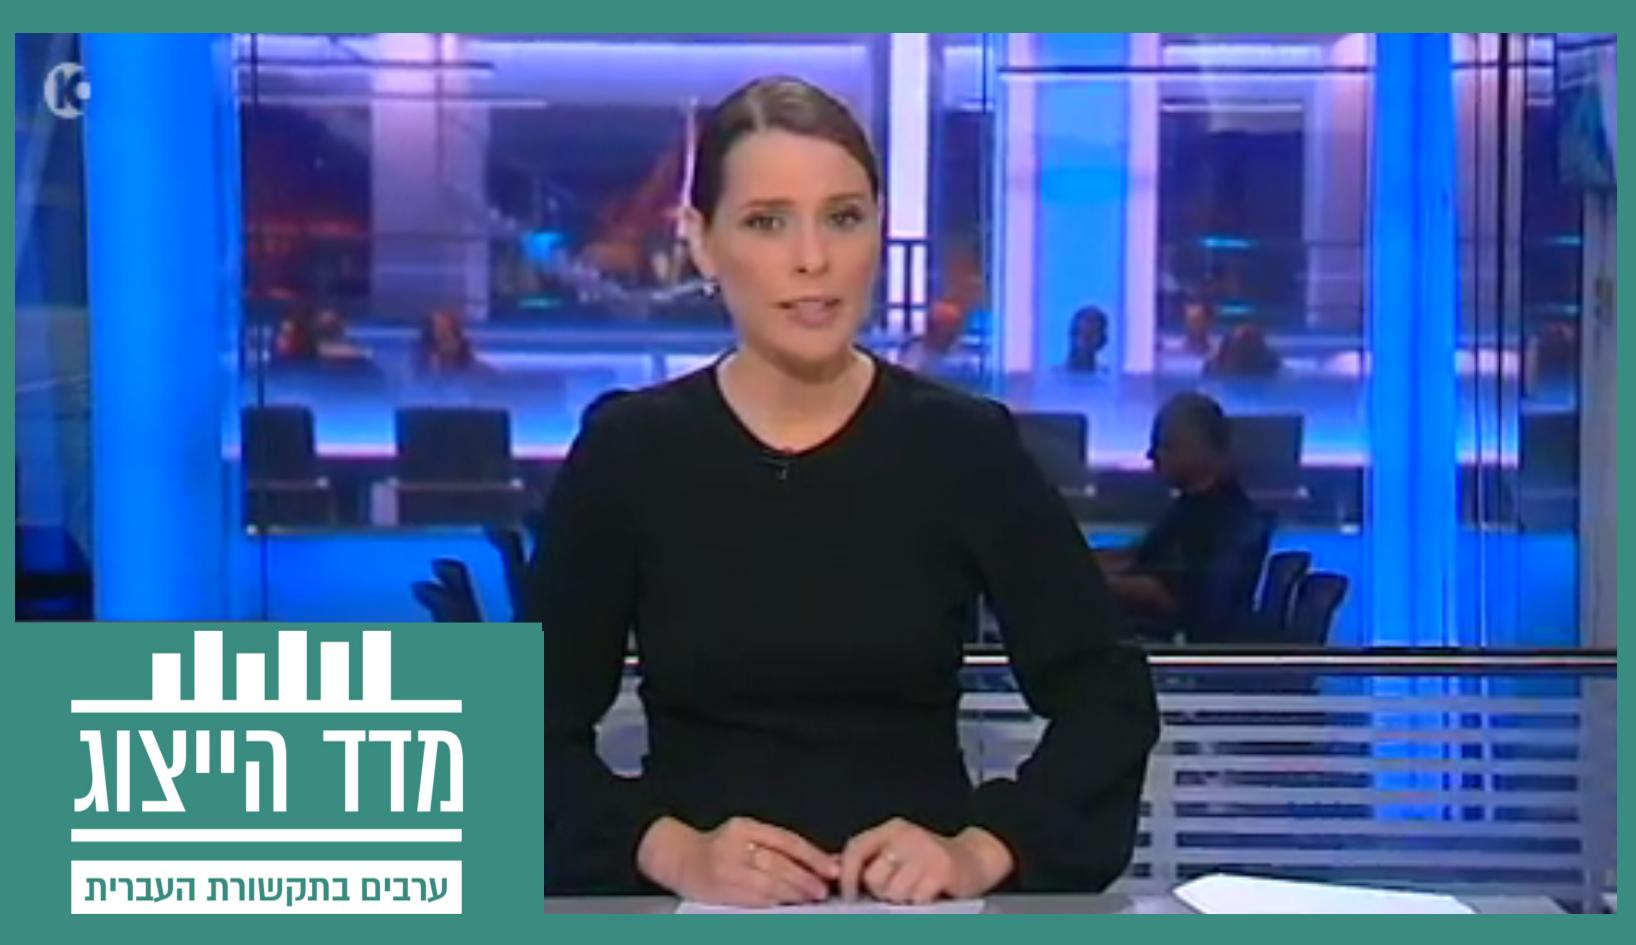 חדשות 2 Image: מדד הייצוג: מהדורת חדשות 10 ללא ערבים כבר שלושה שבועות